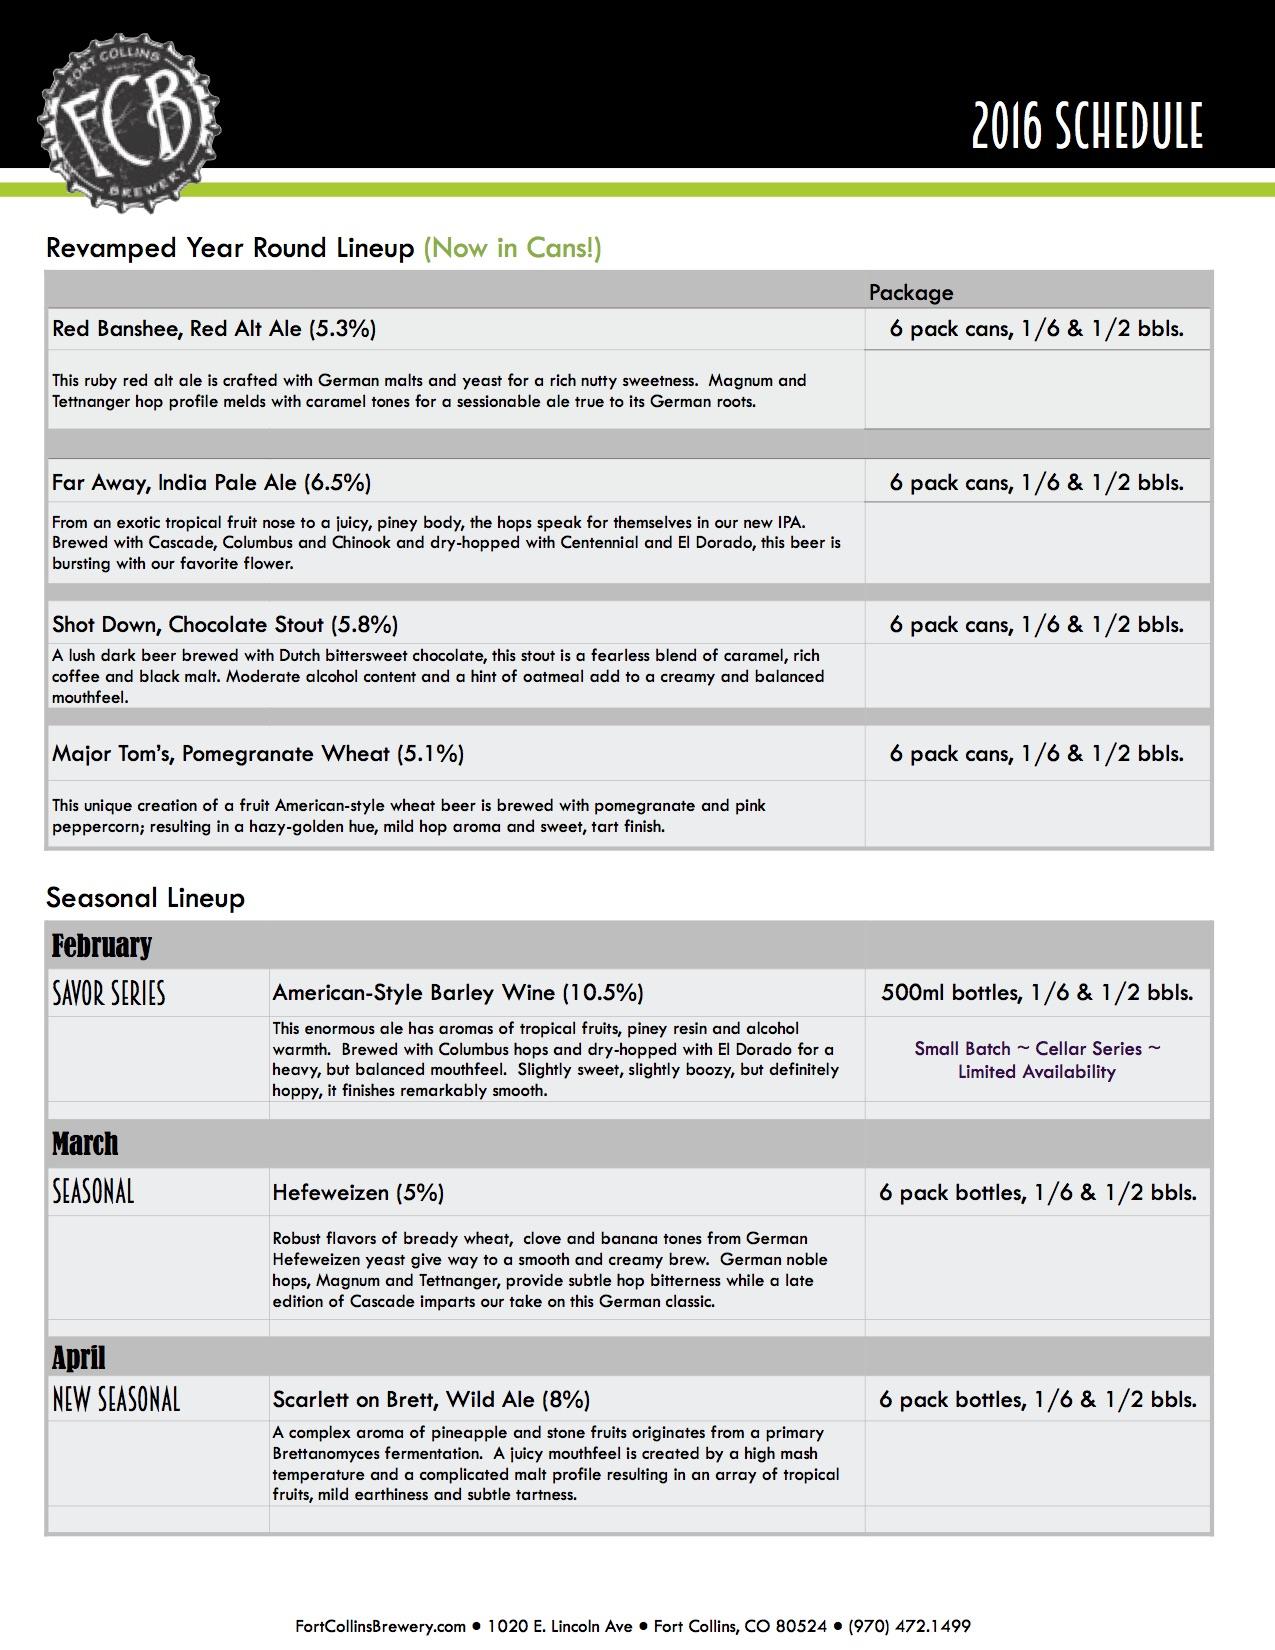 2016 Fort Collins Beer Release Calendar